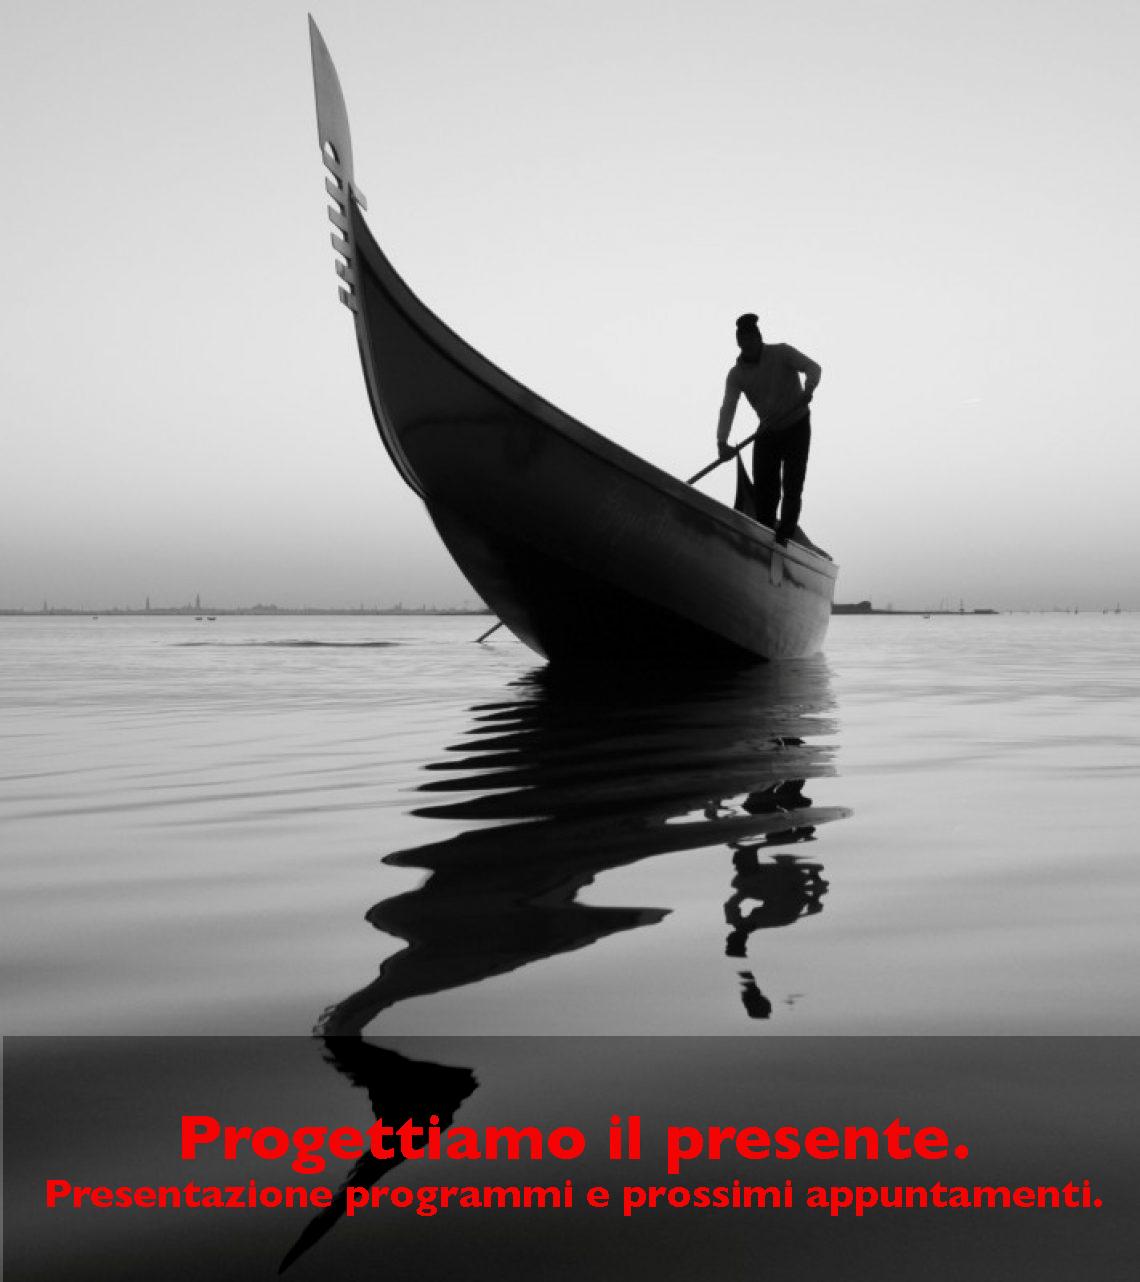 Presentazione dei programmi e progetti per autunno 2020 fino a primavera 2021.